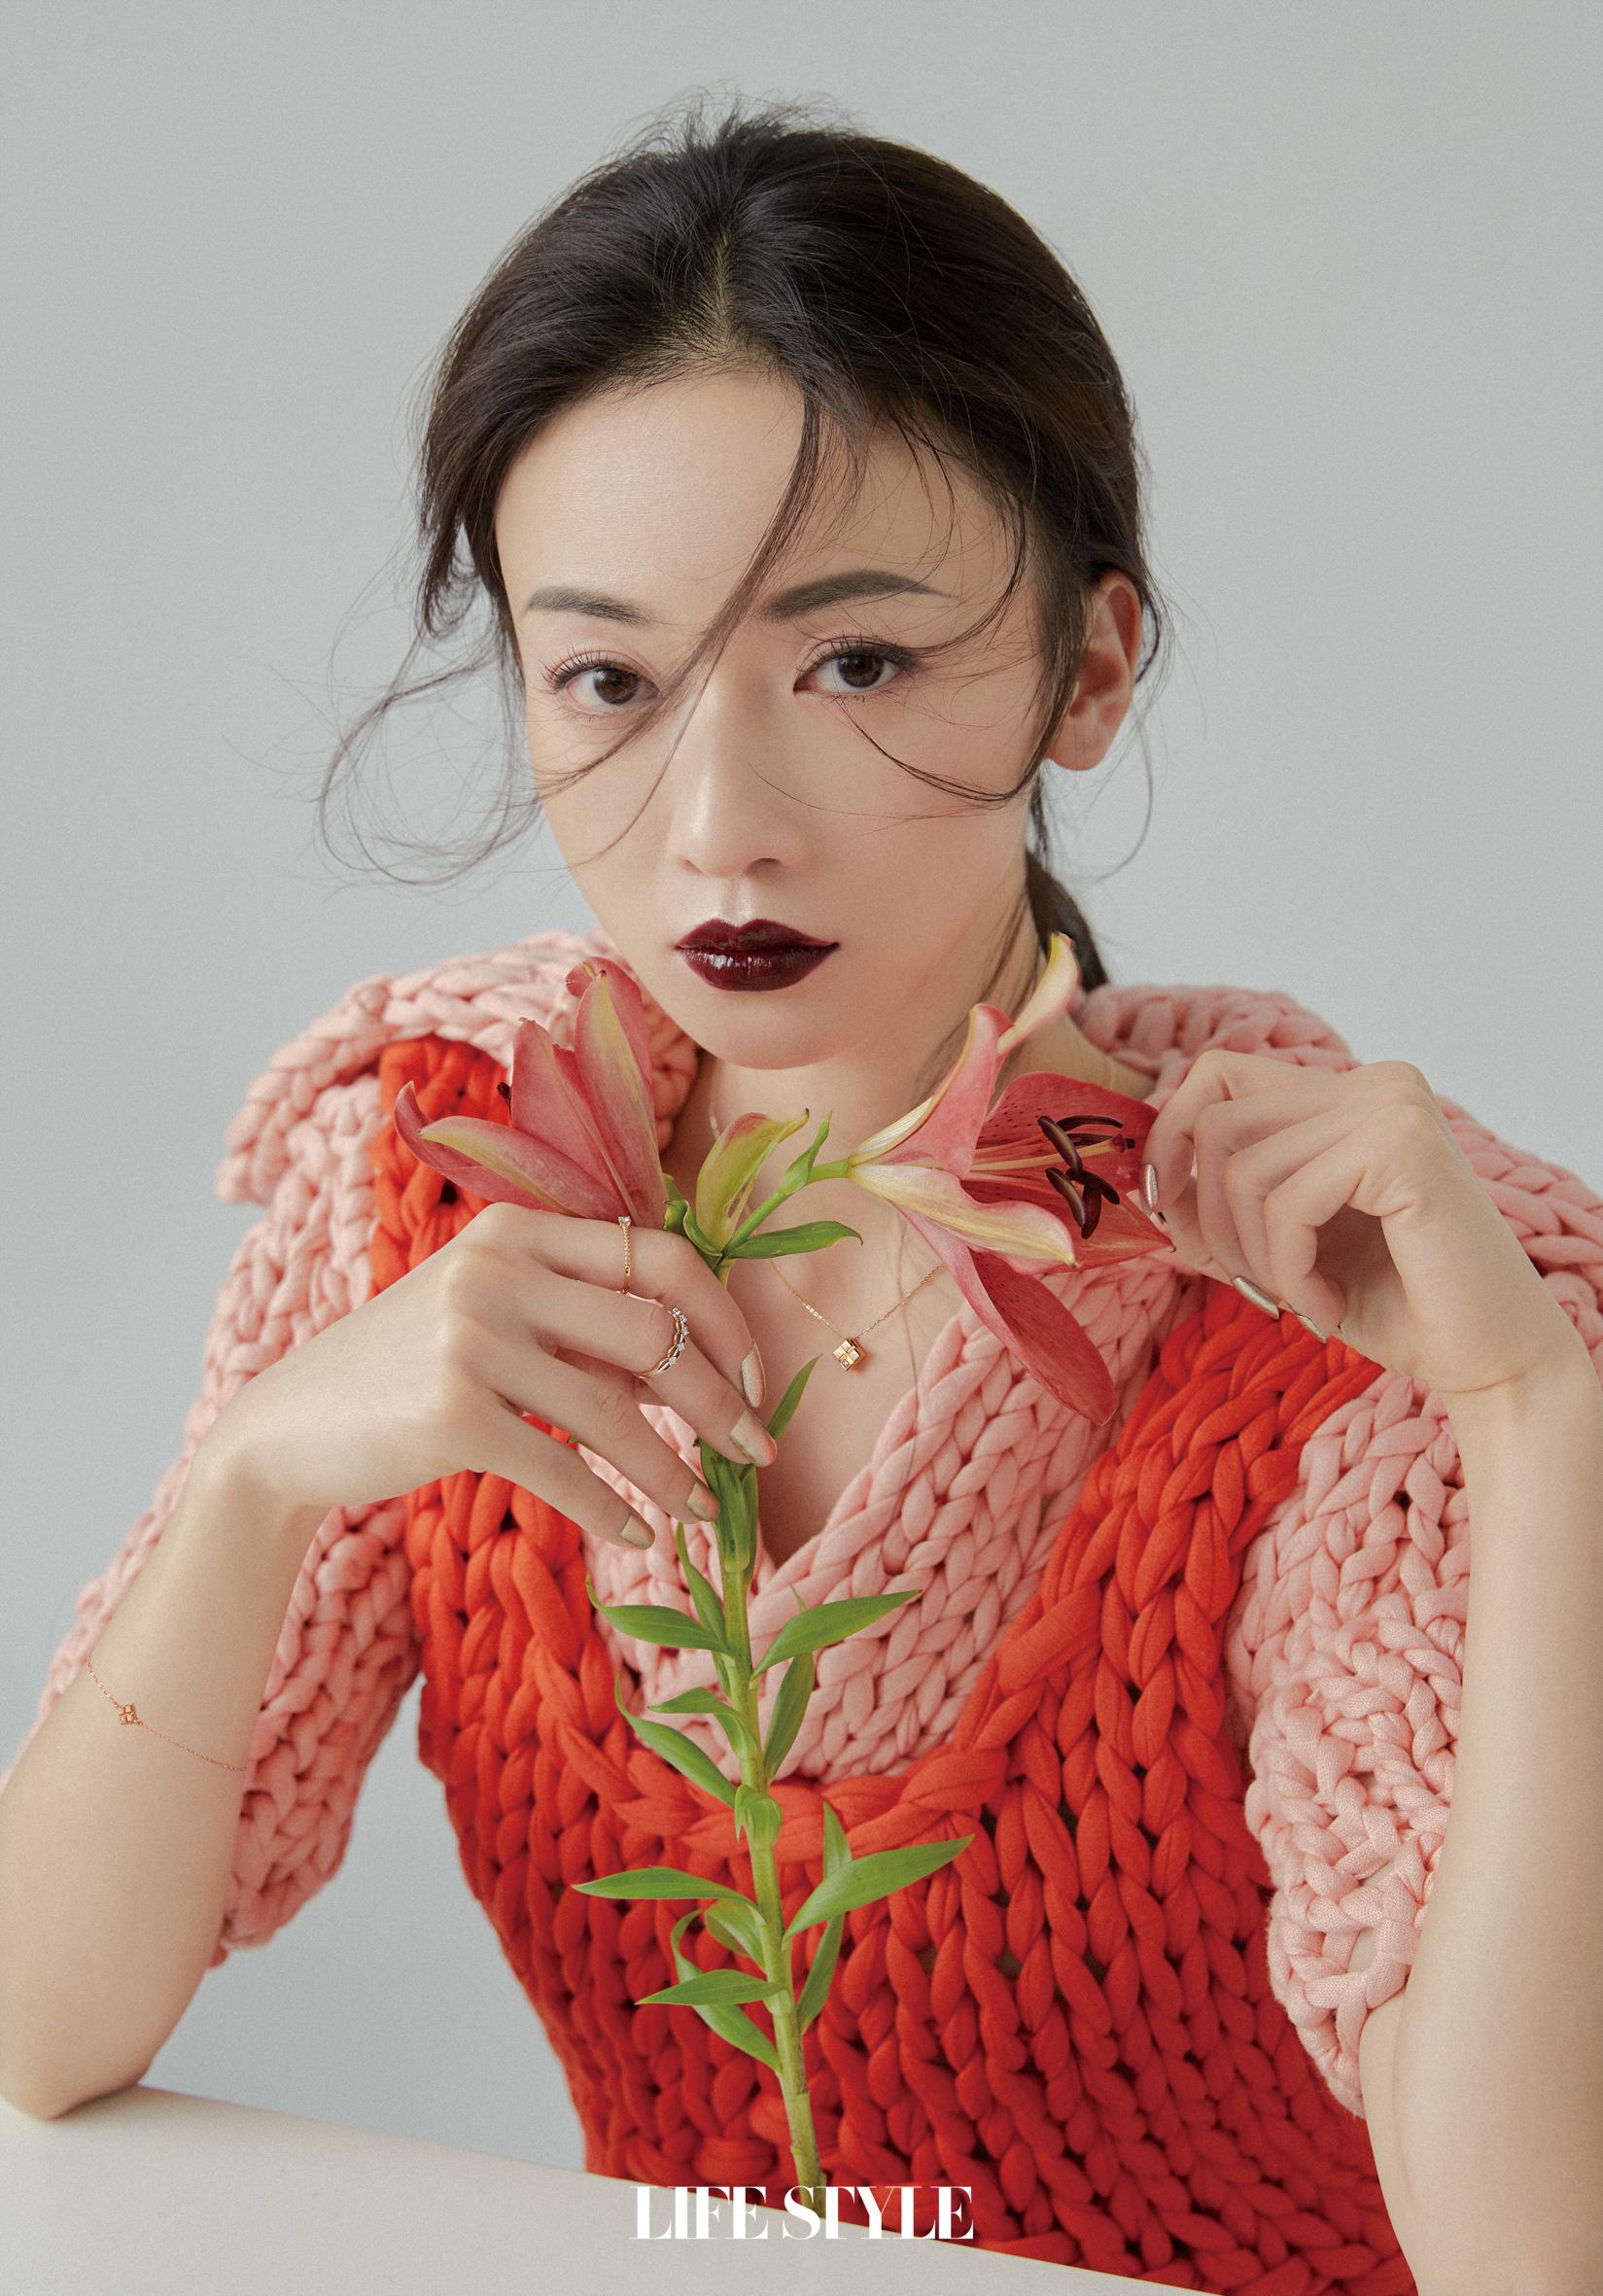 欢娱影视演员@吴谨言 登《精品购物指南》三月刊封面